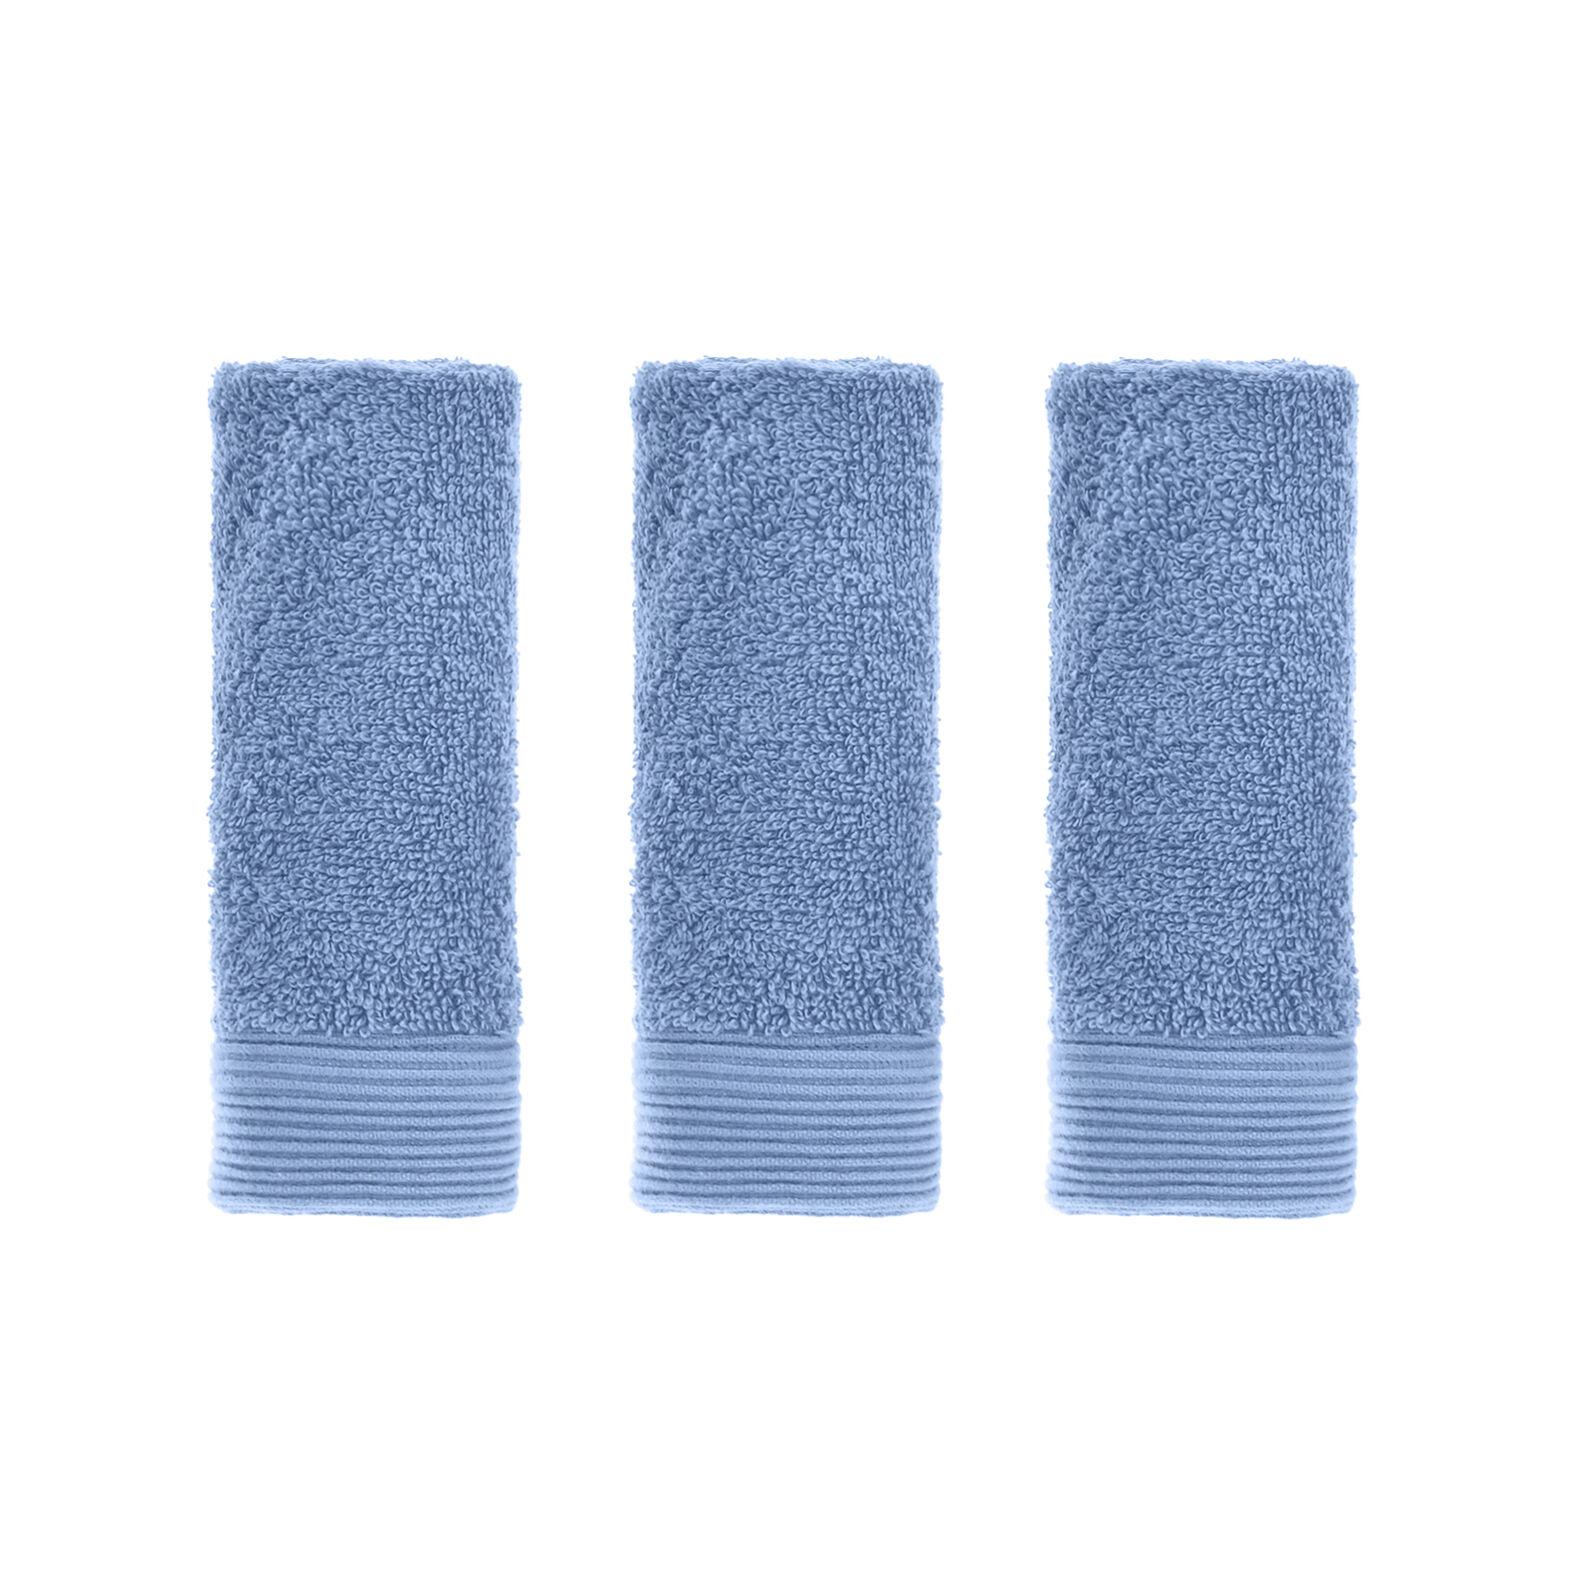 Set 3 lavette puro cotone con bordo rigato